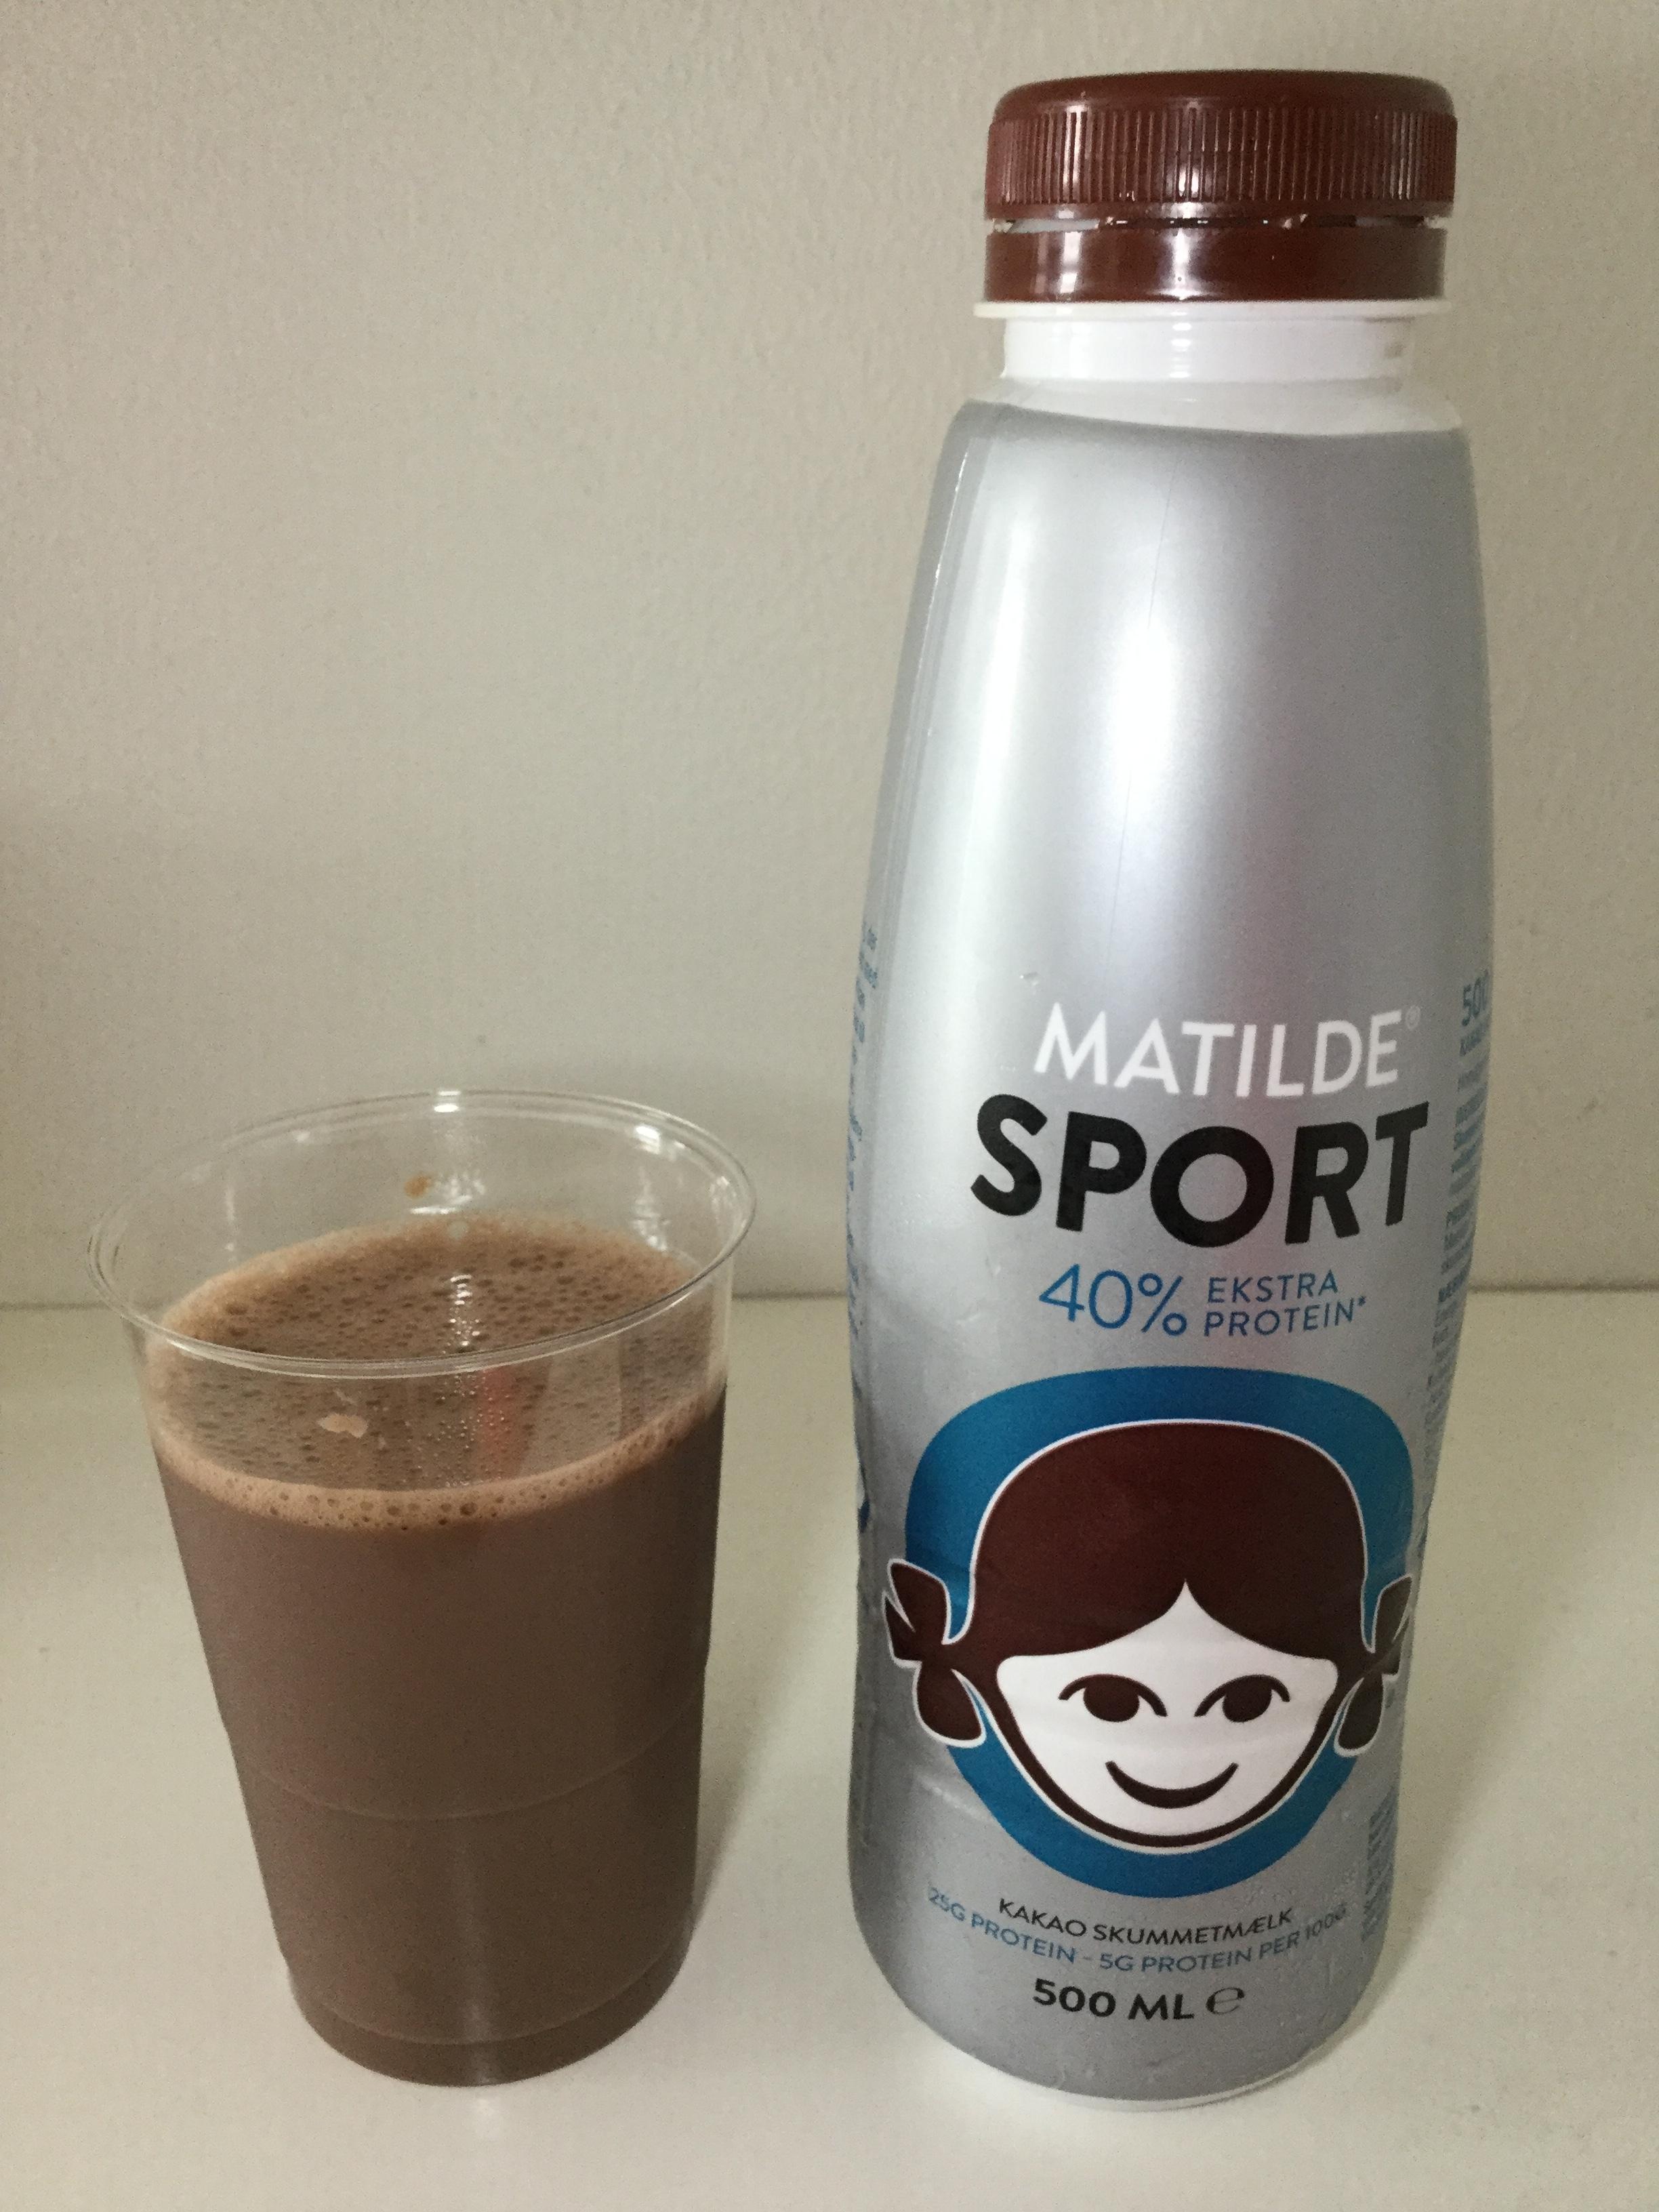 Matilde Sport Kakao Cup